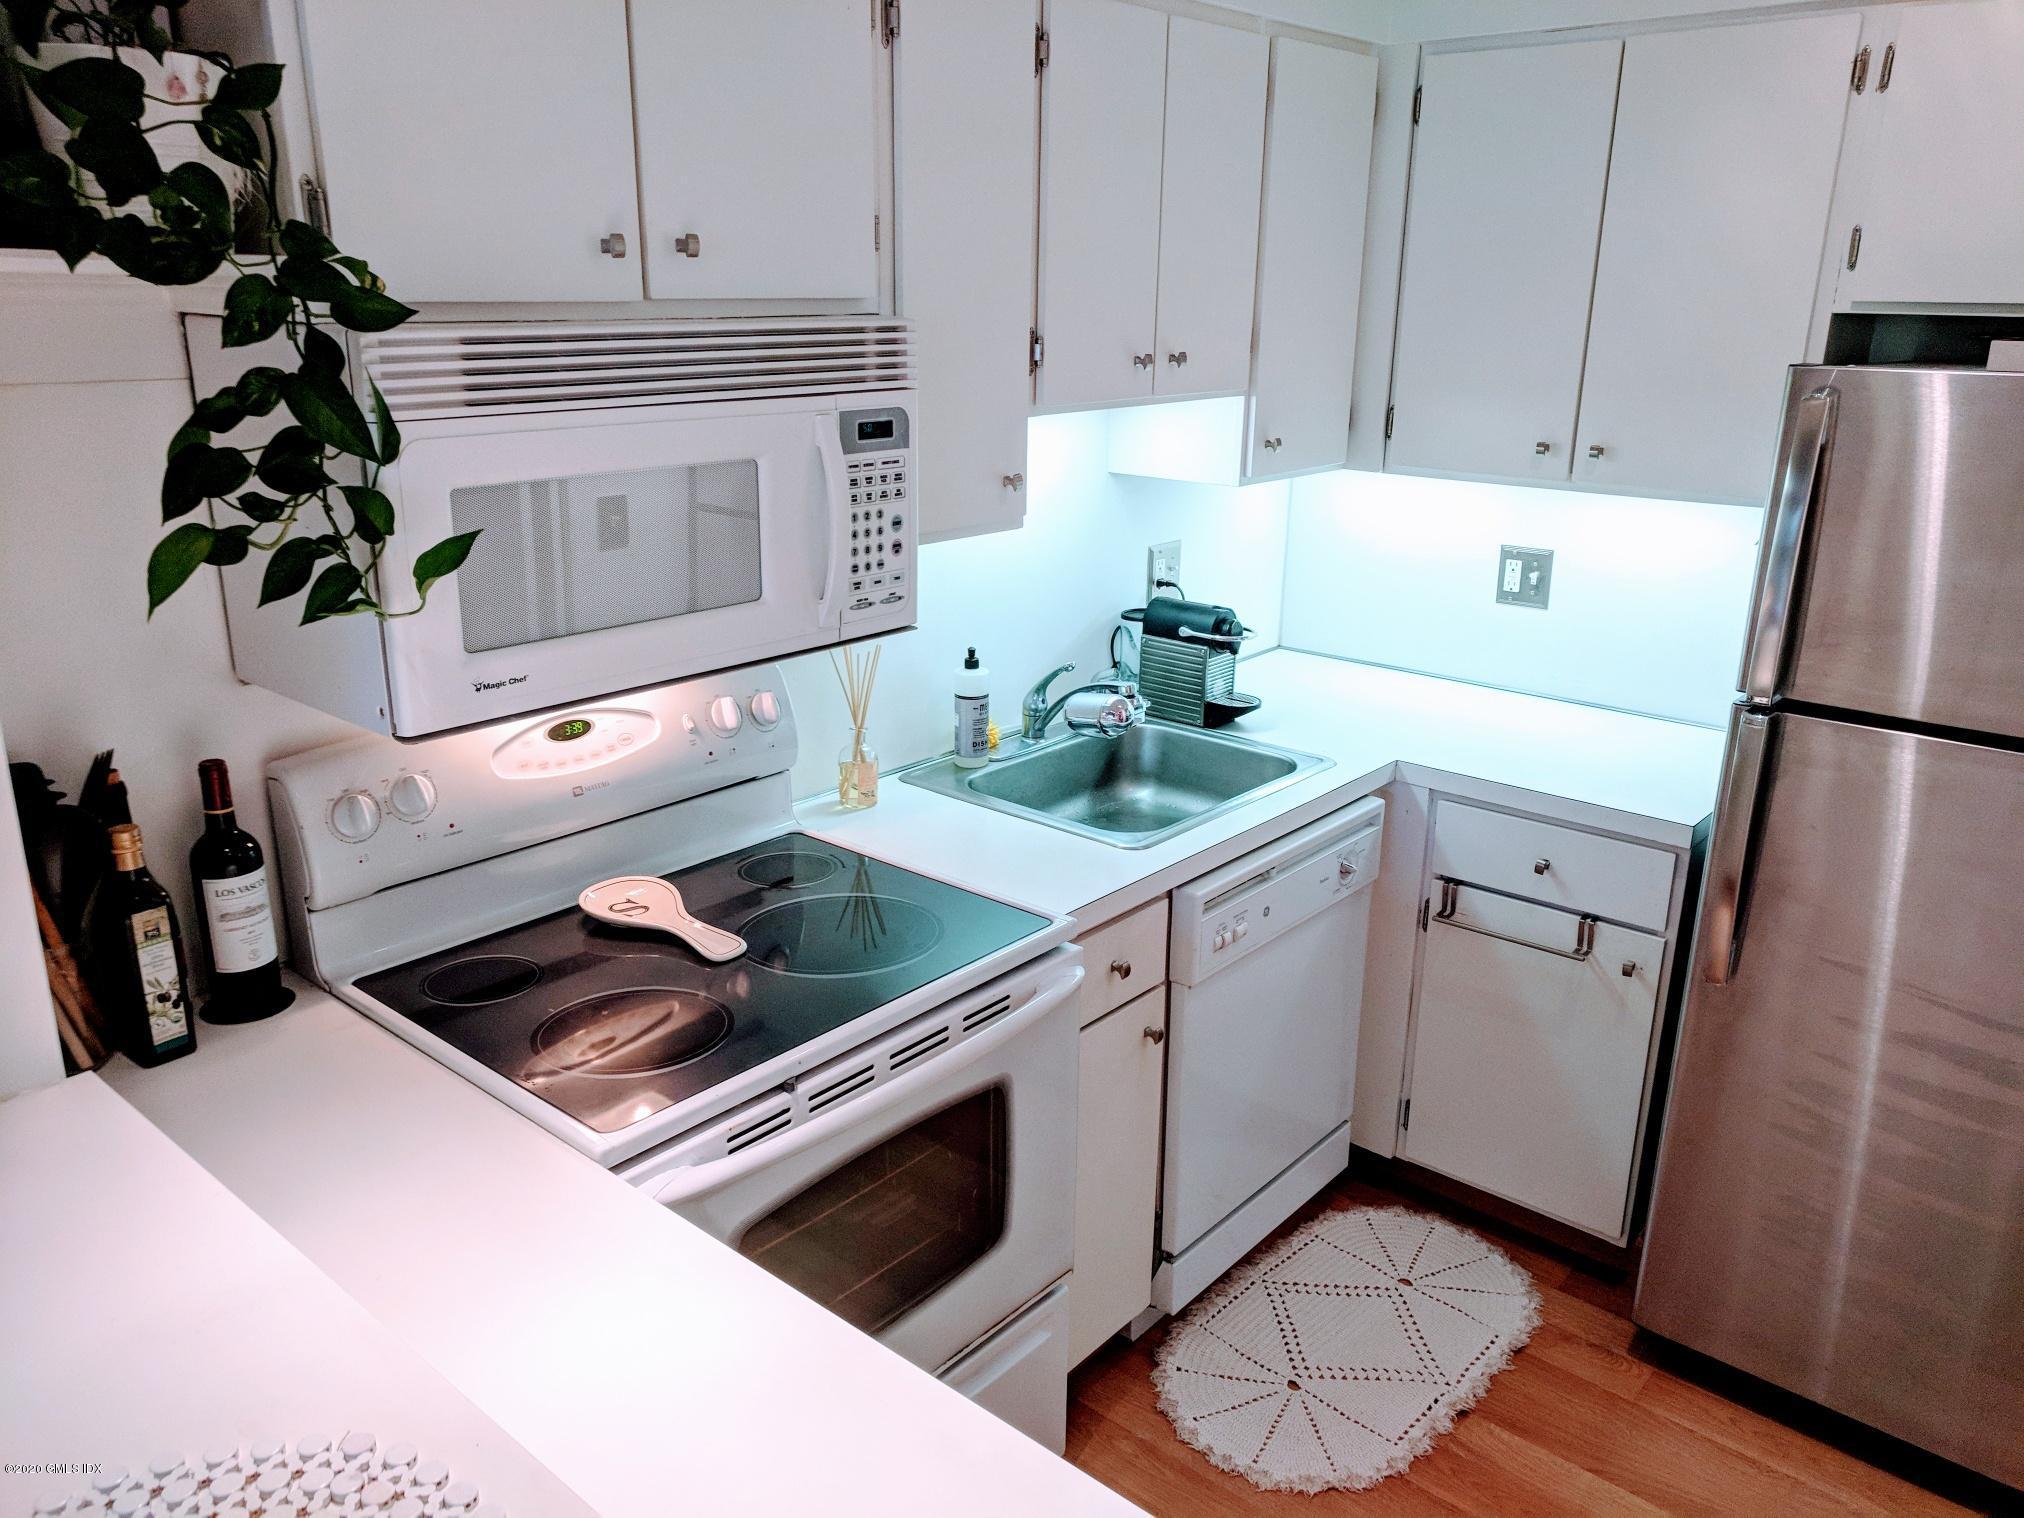 1525 Putnam Avenue, Old Greenwich, Connecticut 06870, 1 Bedroom Bedrooms, ,1 BathroomBathrooms,Condominium,For Rent,Putnam,112203